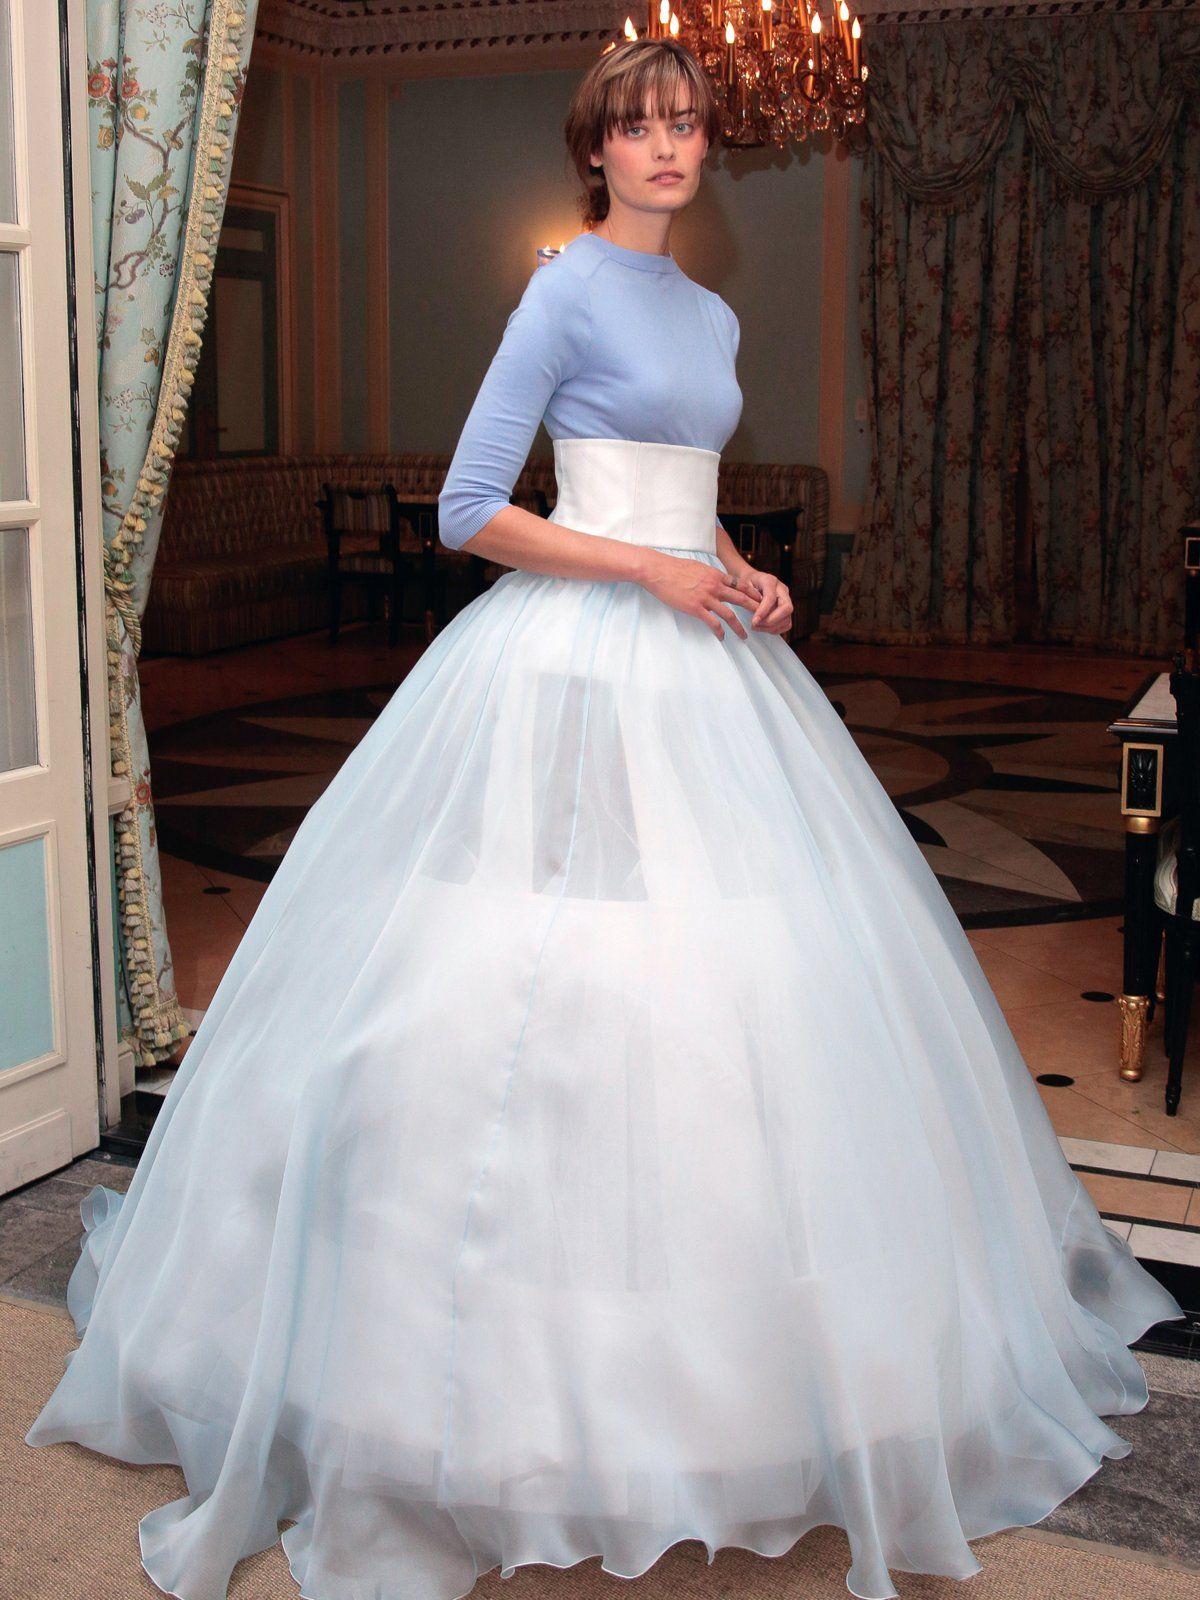 Unkonventionelle Brautkleider | Reifrock, Pulli und einfaches Brautkleid